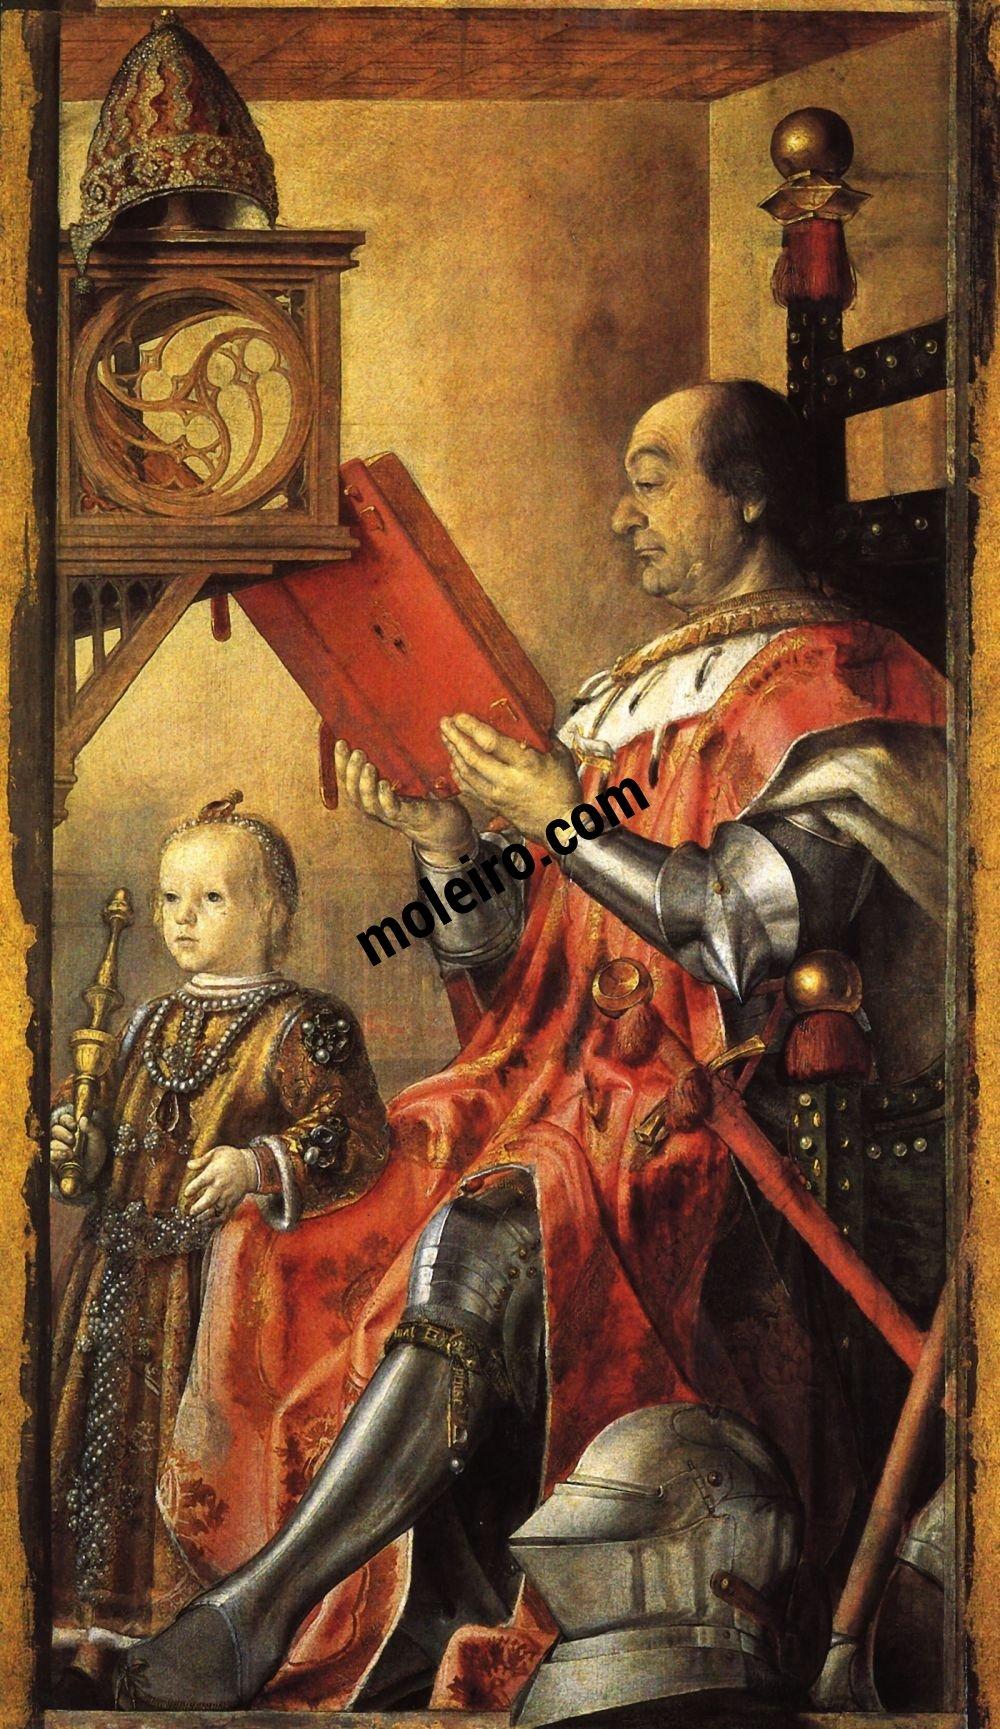 El Arte en el Renacimiento Pedro Berreguete, Federico di Montefeltro con il figlio Guidobaldo, Urbino, Galleria Nazionale delle Marche